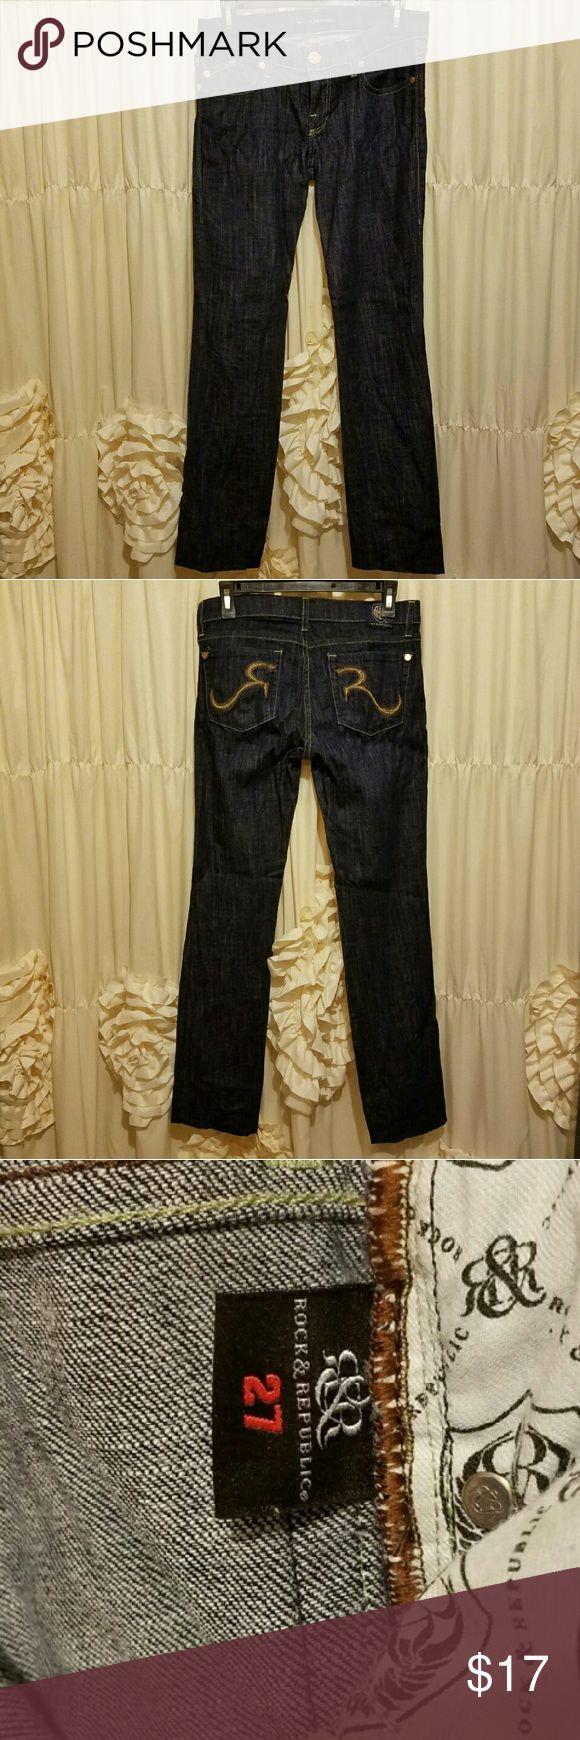 """Dark denim Rock & Republic jeans EUC. Awesome R & R jeans! Great look! Inseam: 34"""" Rock & Republic Jeans Straight Leg"""